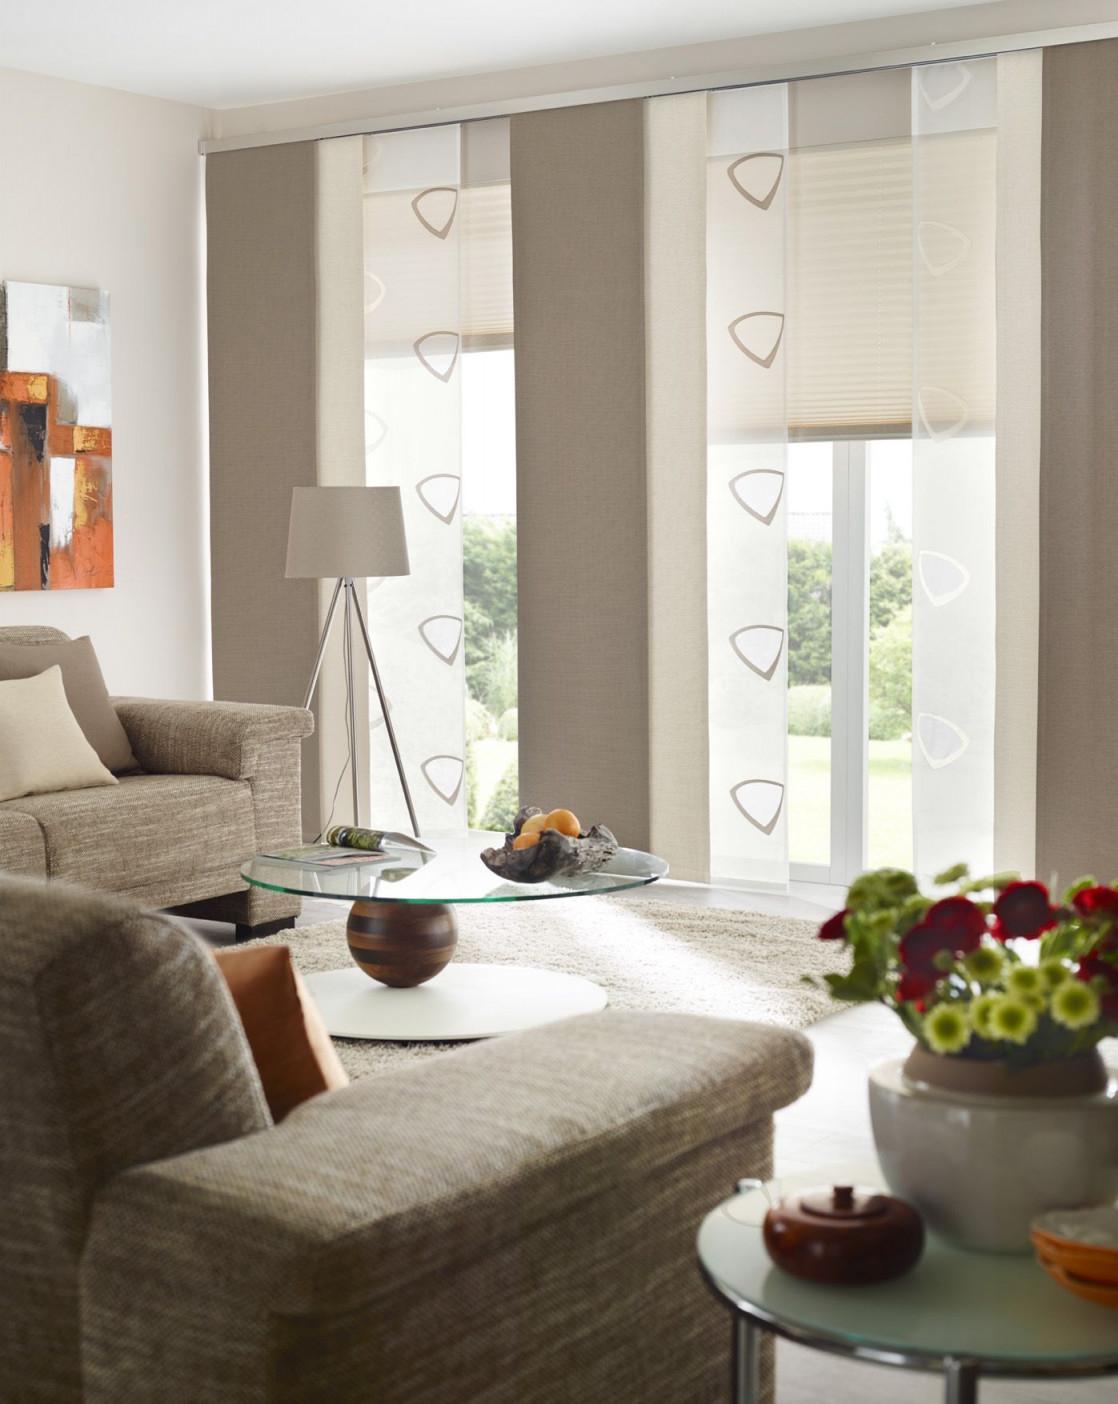 Fenster Urbansteel Gardinen Dekostoffe Vorhang von Ideen Vorhänge Wohnzimmer Bild